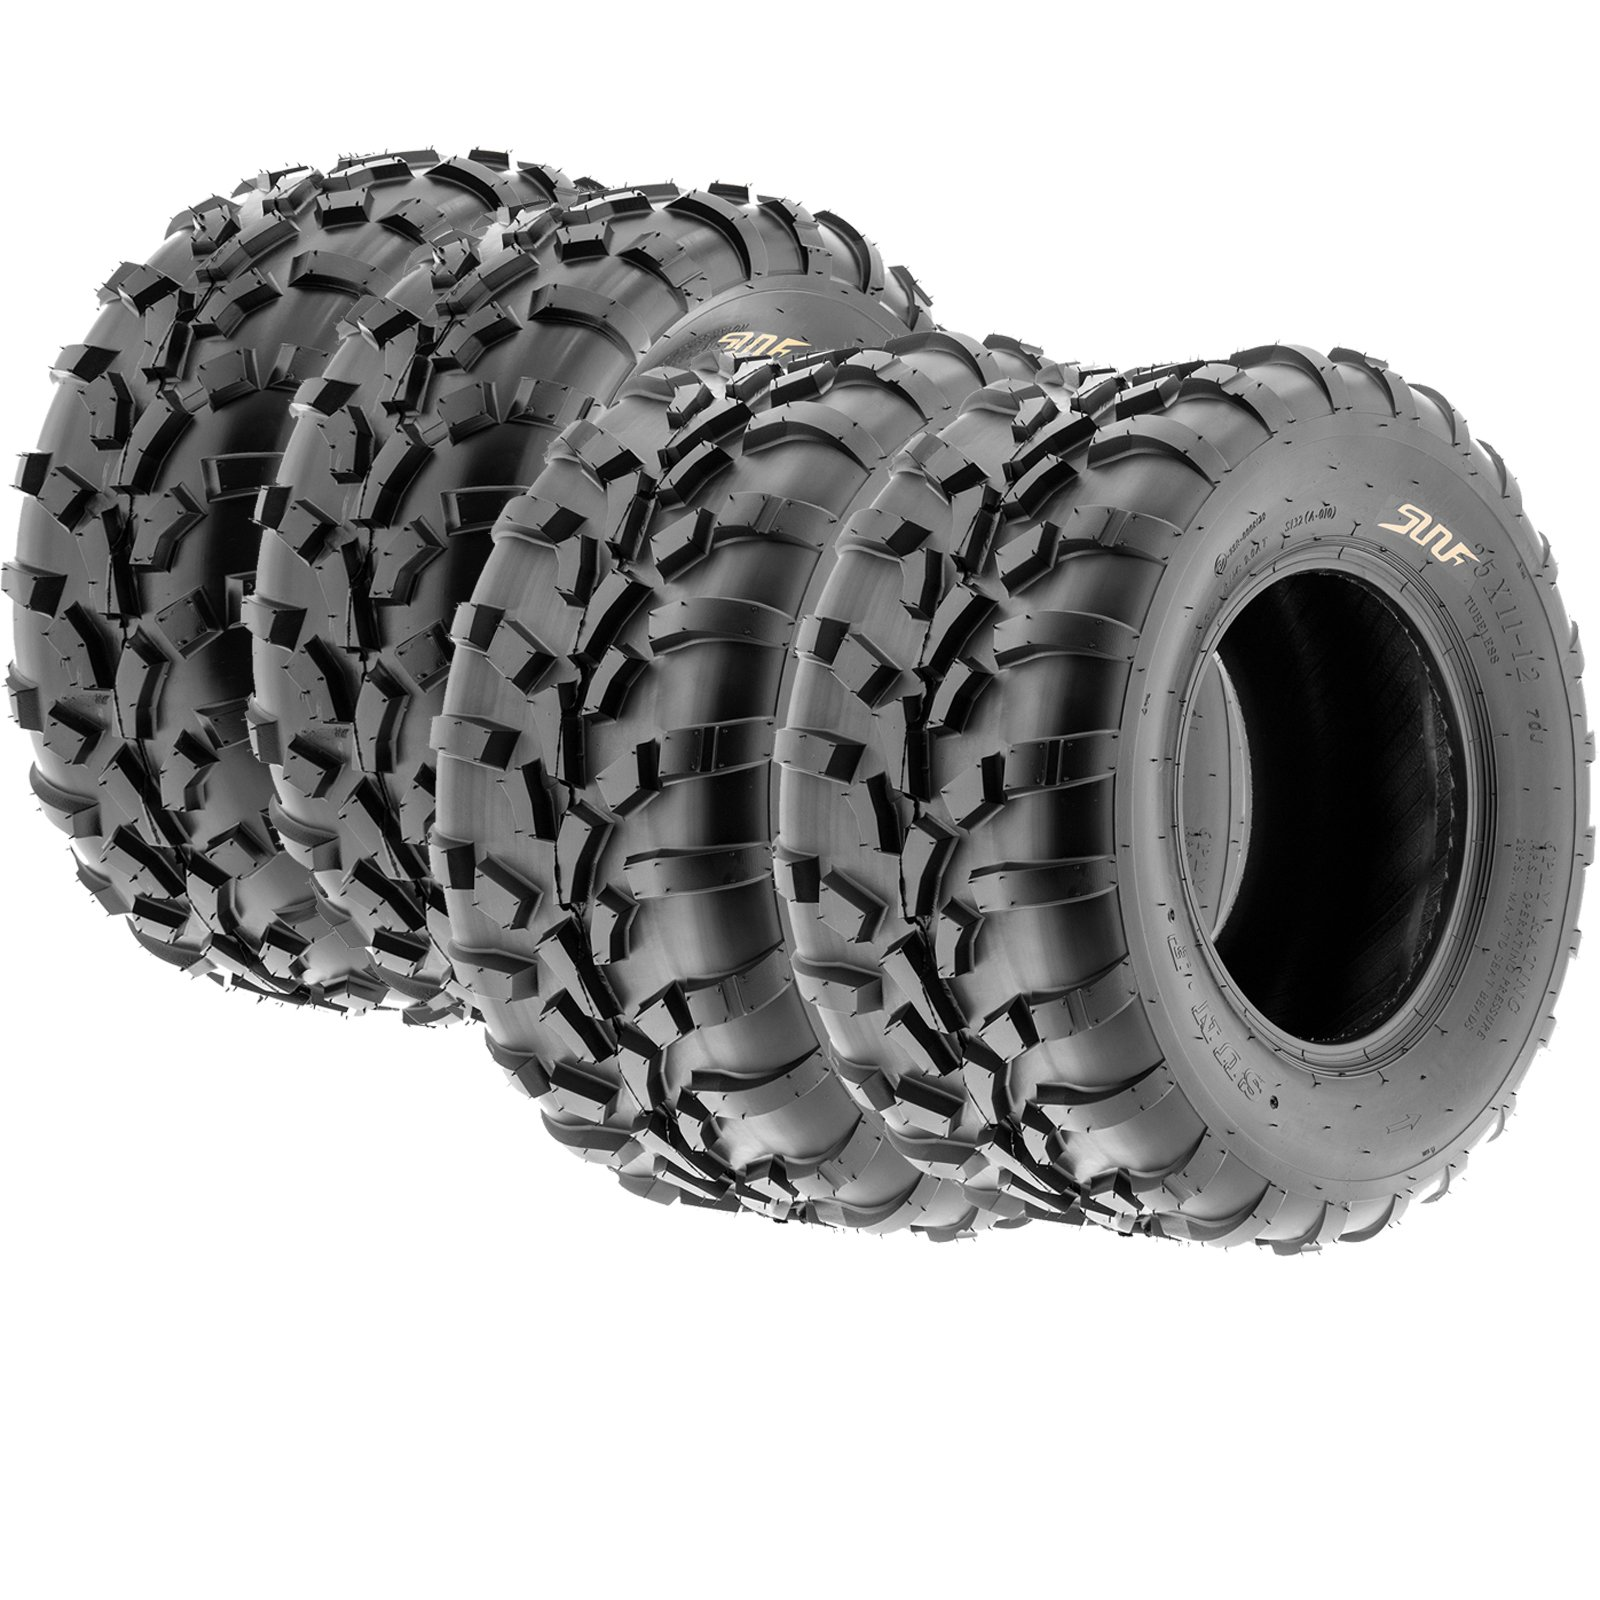 Set of 4 SunF A010 ATV UTV Tires 25x8-12 & 25x11-12, 6 Ply